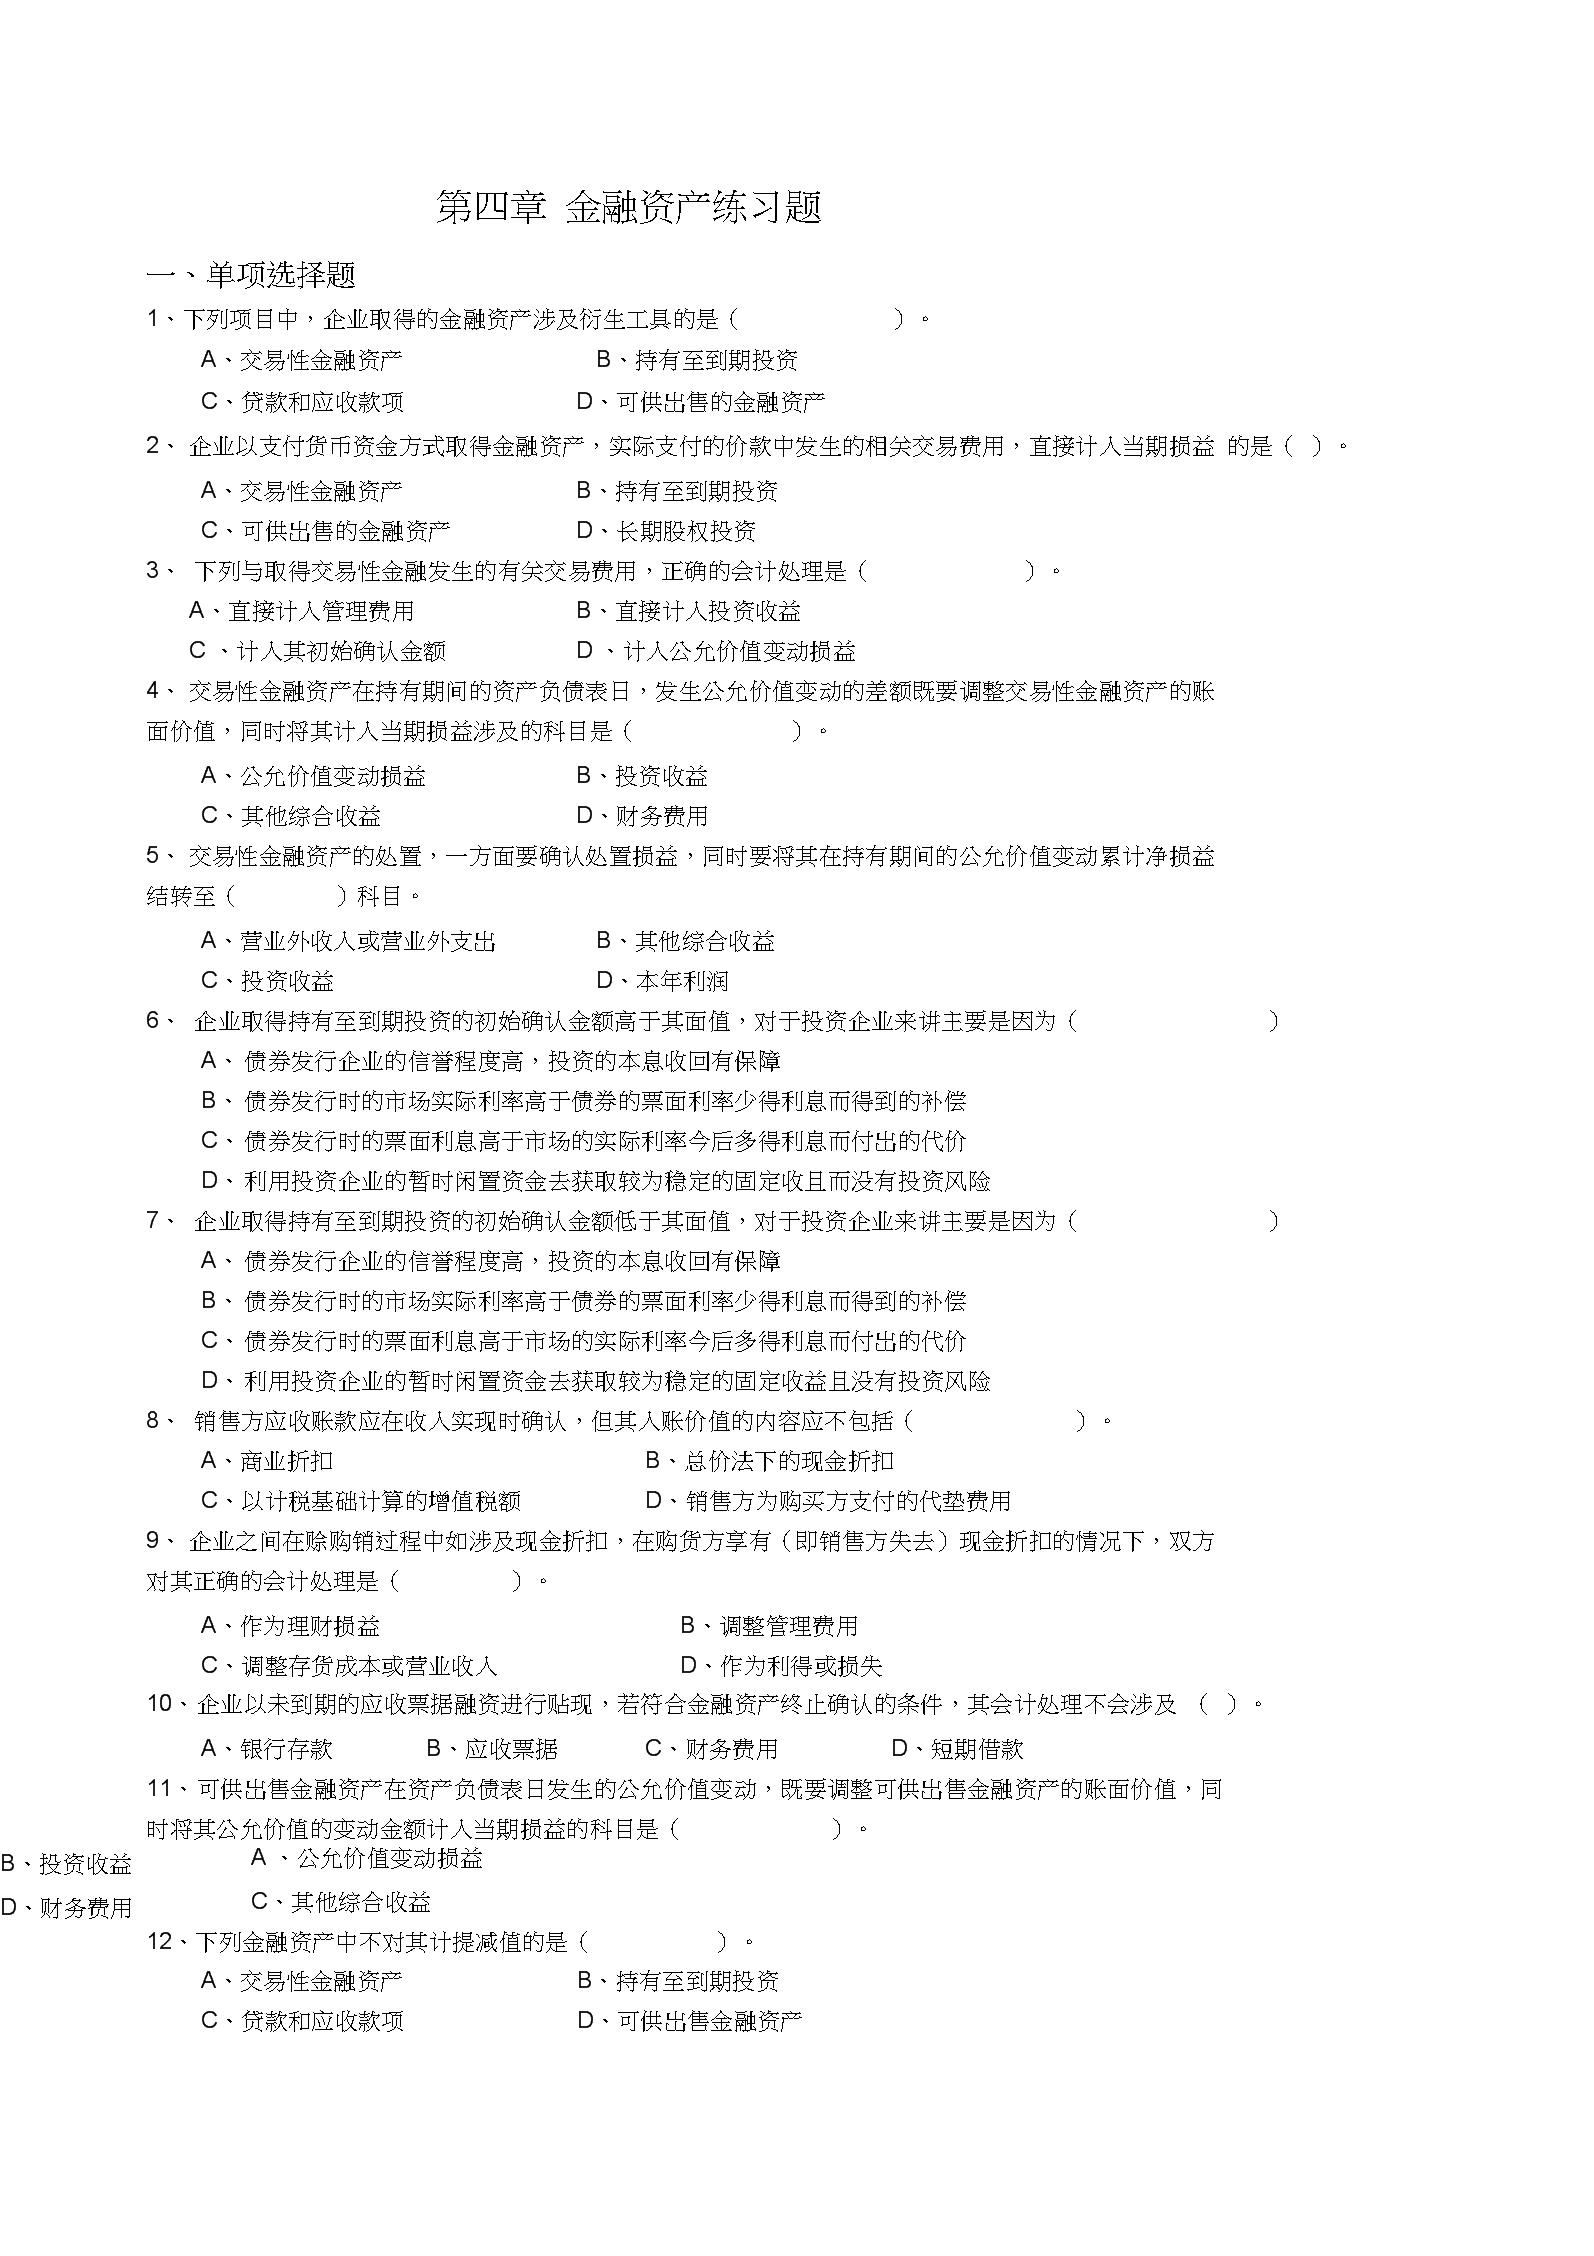 金融资产练习题.docx